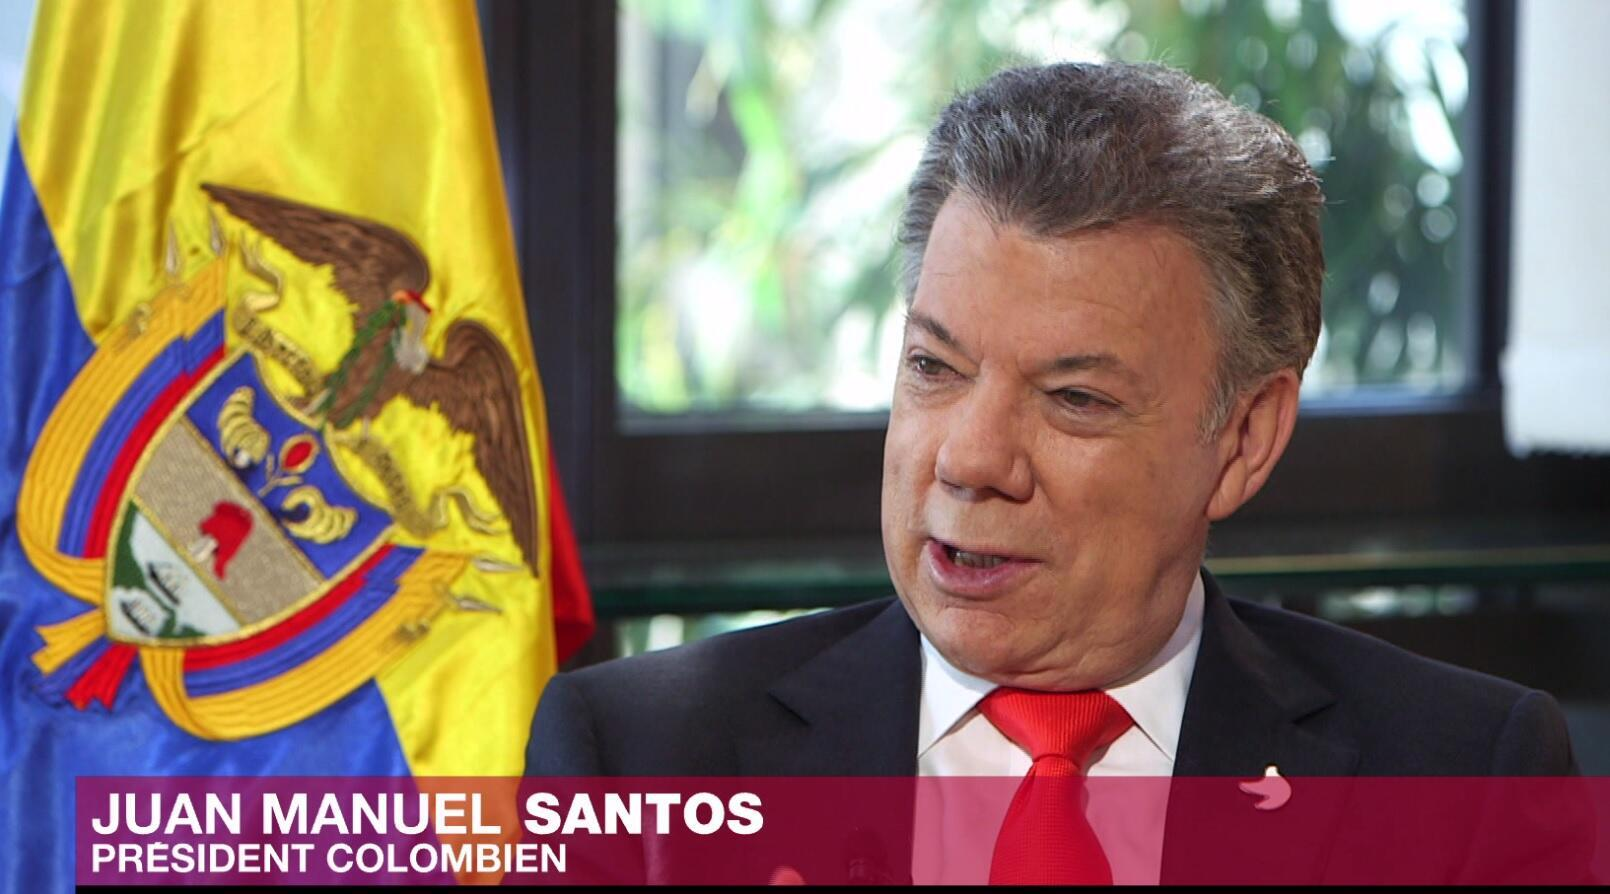 Presidente de Colômbia, Juan Manuel Santos, sobre desarmamento das FARC, em entrevista à RFI